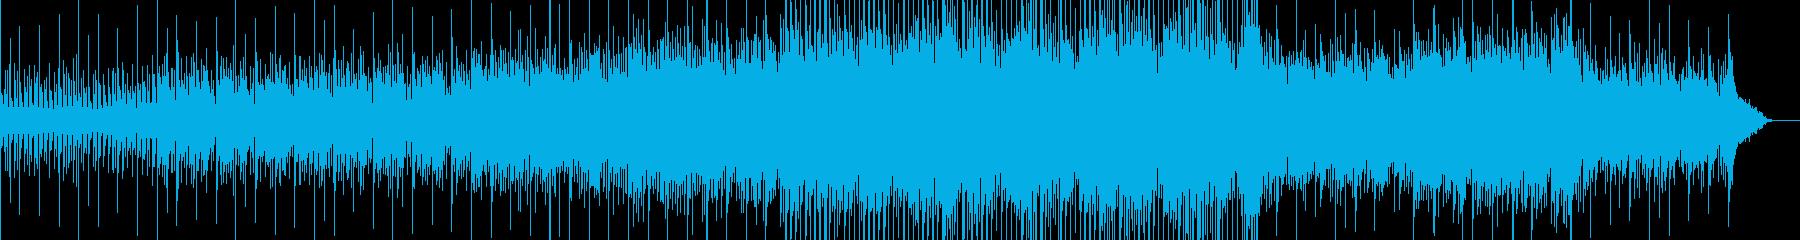 穏やかなエンディング・ウエディング用途にの再生済みの波形